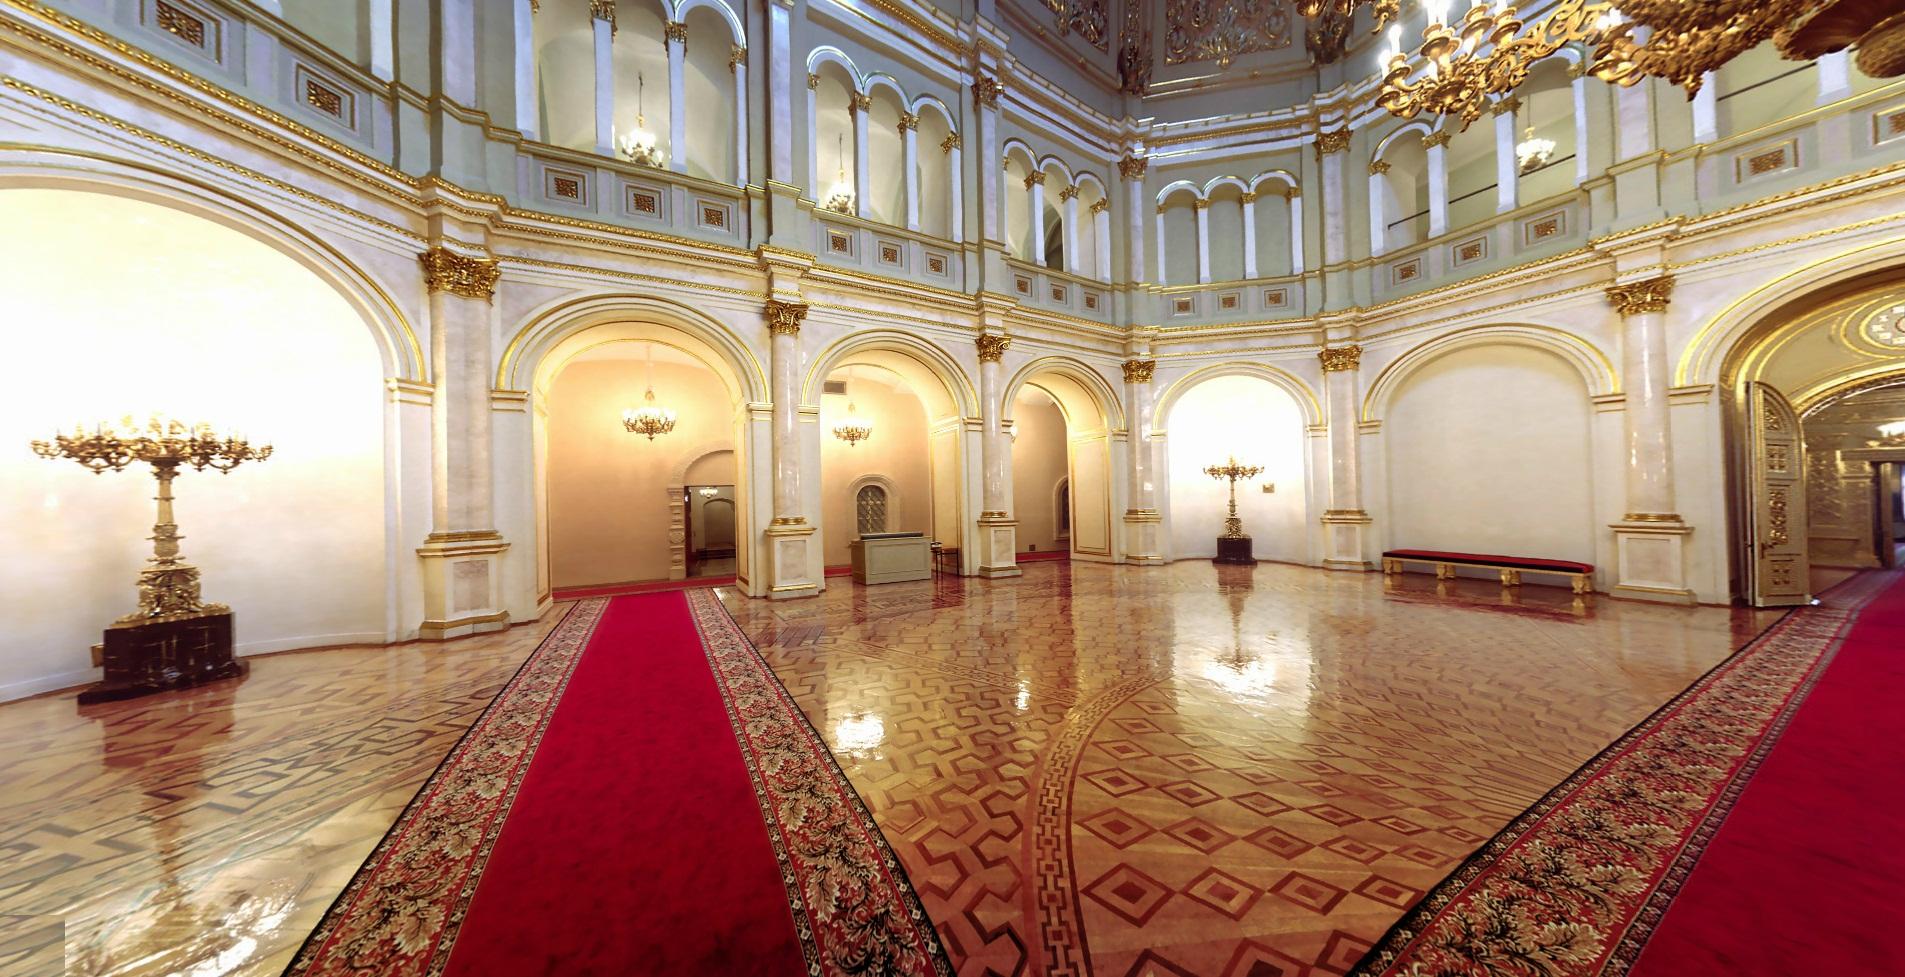 اولین کاخ بزرگ جهان - کاخ کرملین